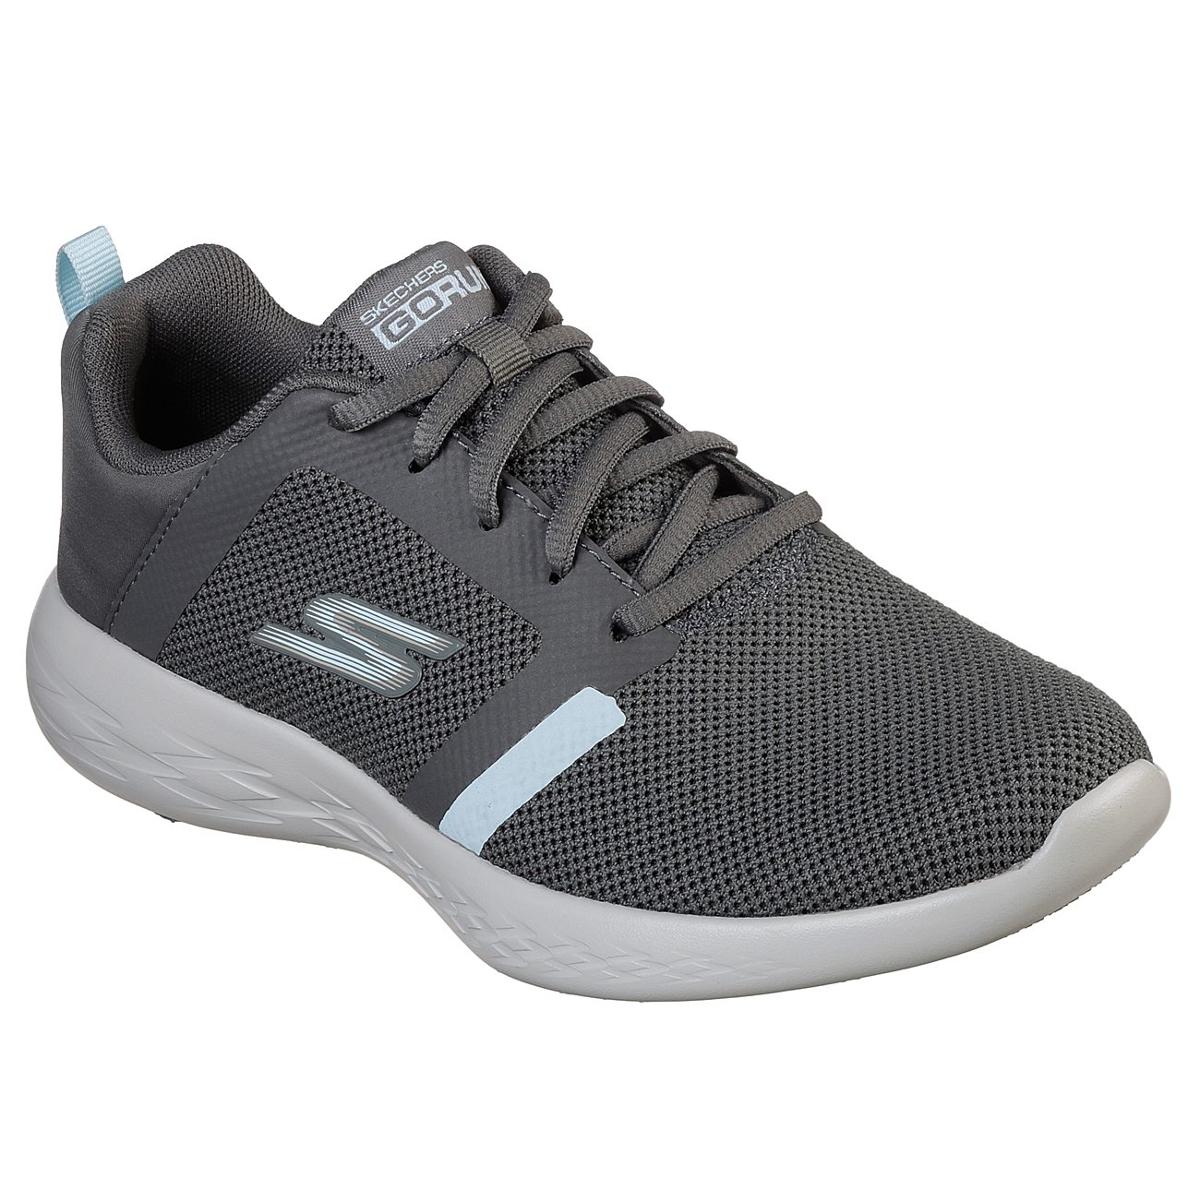 Skechers Women's Gorun 600 Sneakers - Black, 8.5